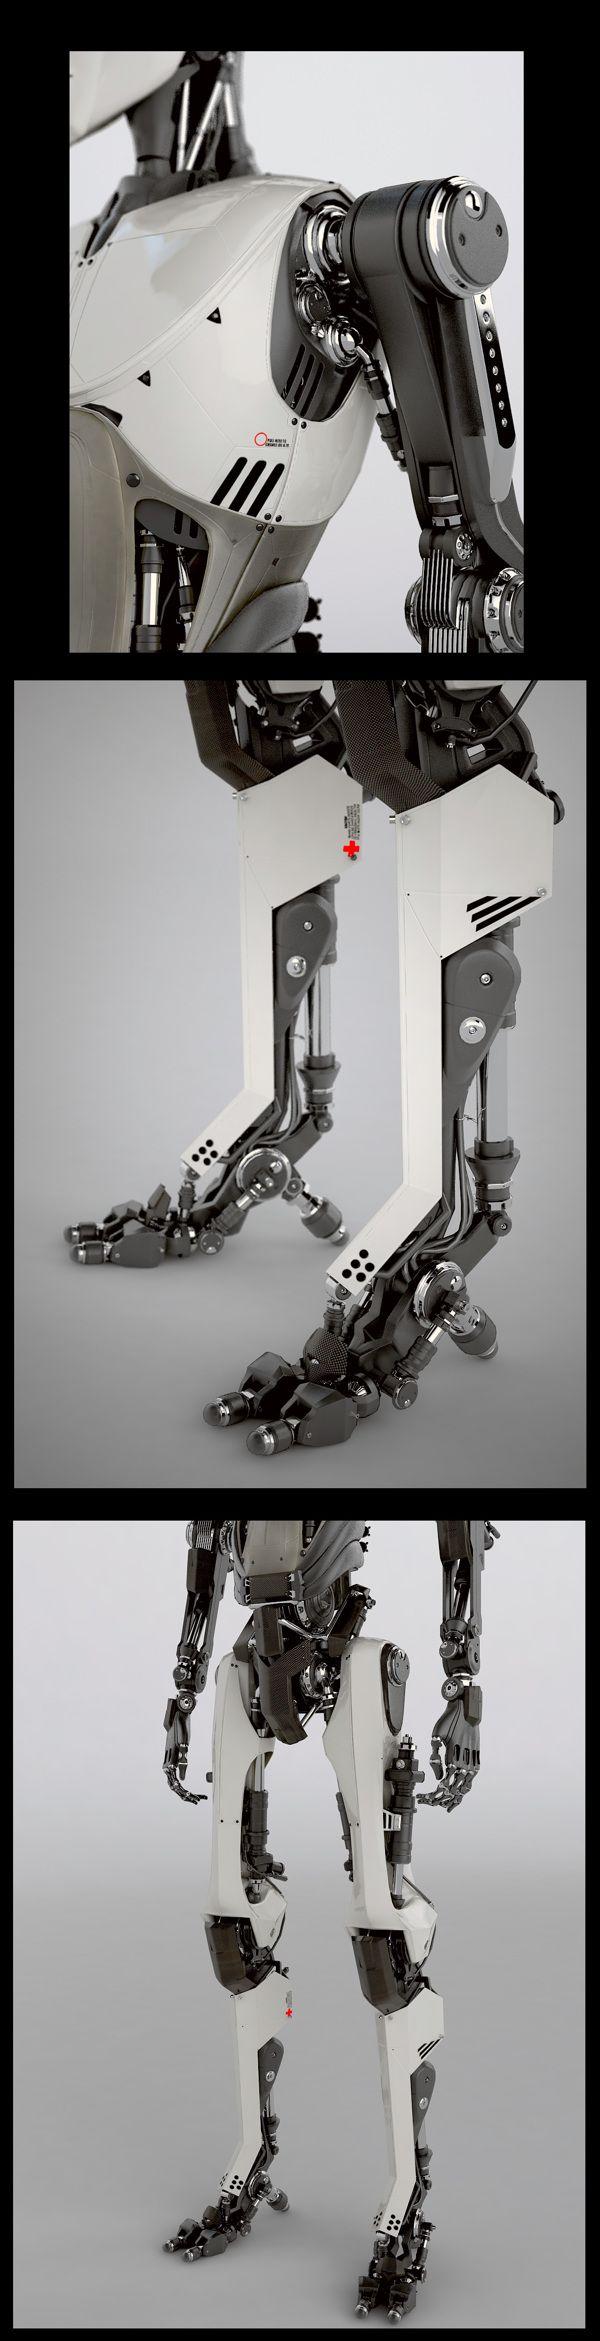 AUDI A4 ROBOTS COMMERCIAL by SADGAS